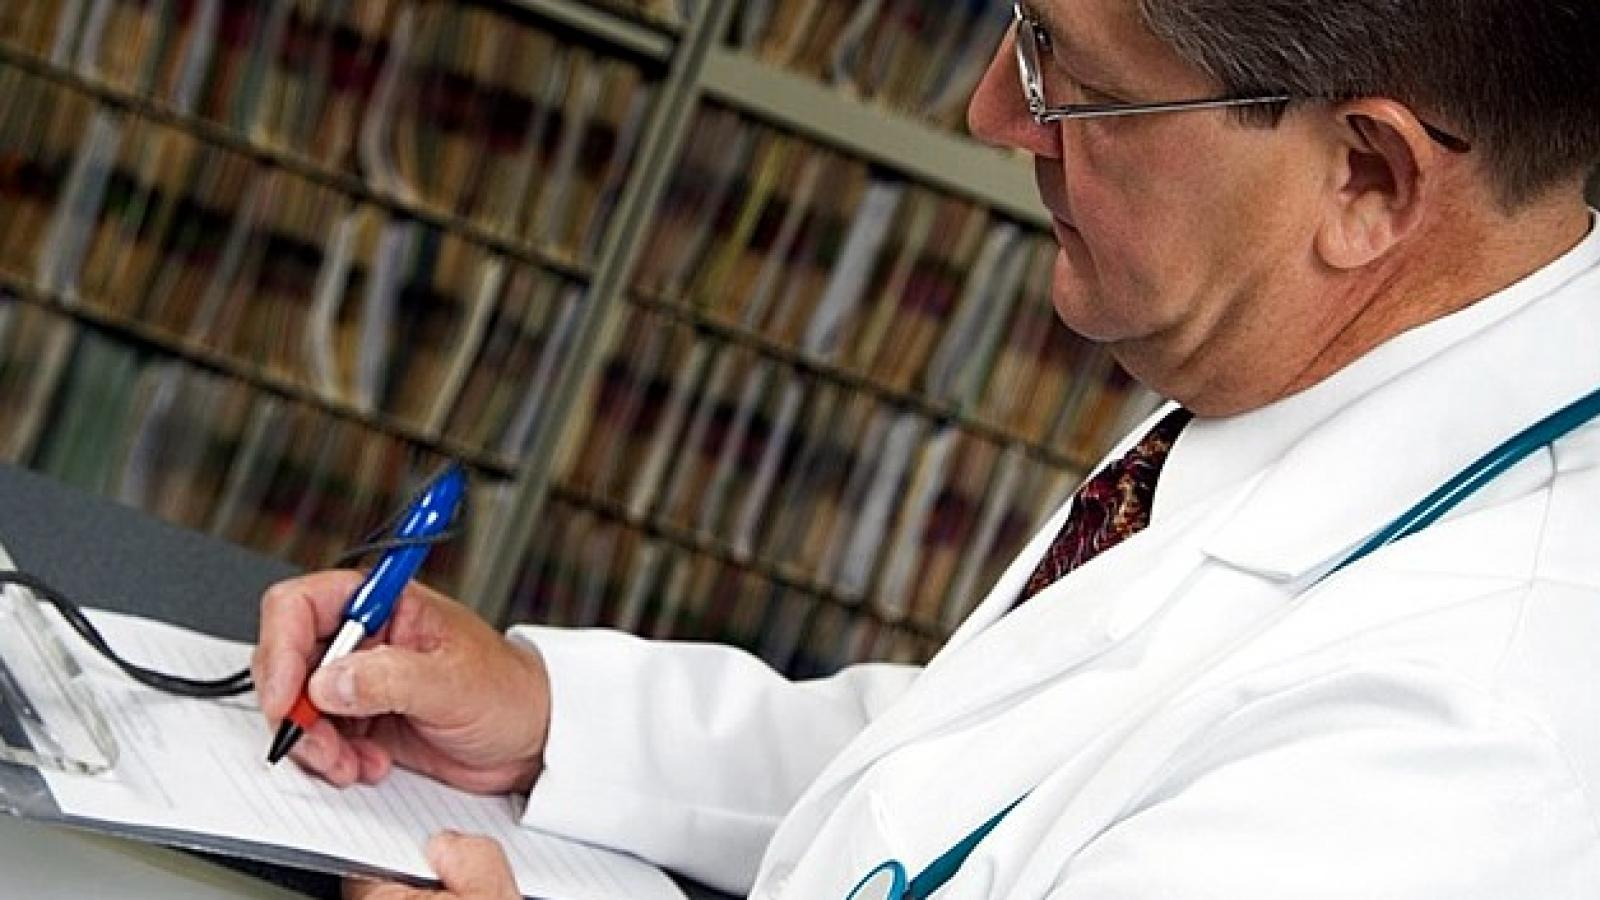 Областная больница нарушила закон